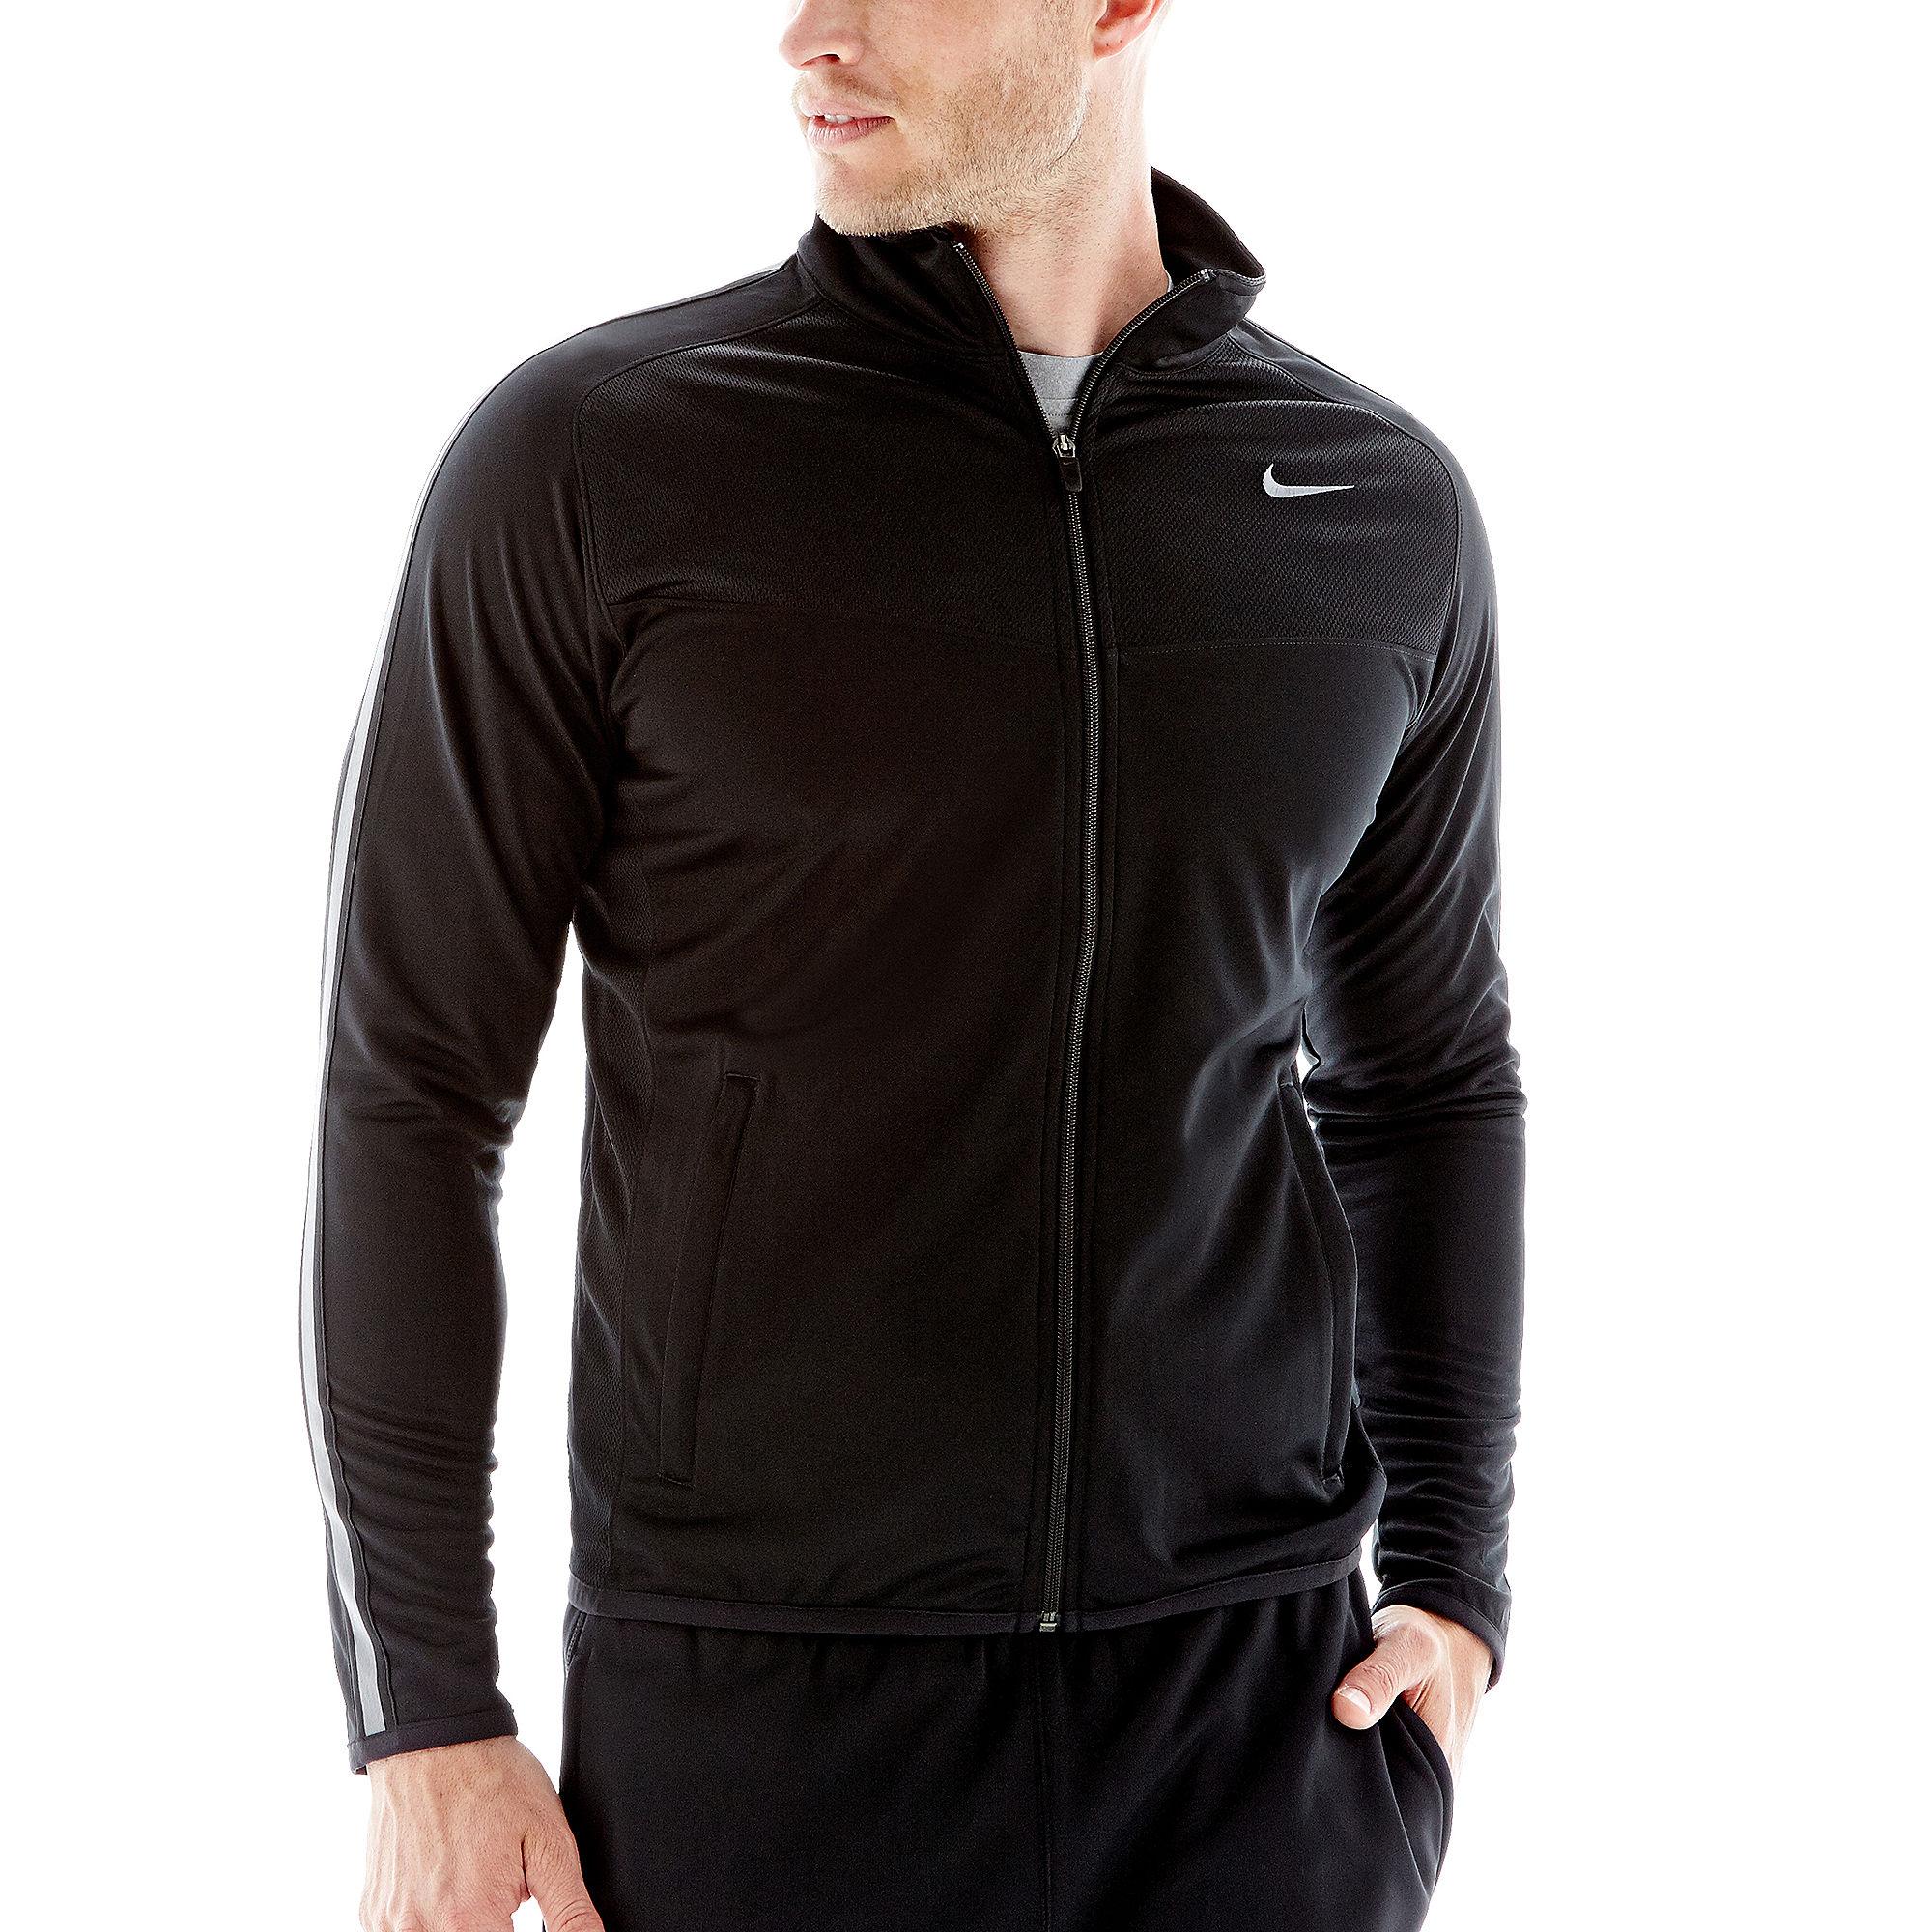 Nike epic jacket - Upc 886916687586 Product Image For Nike Epic Lightweight Jacket Upcitemdb Com